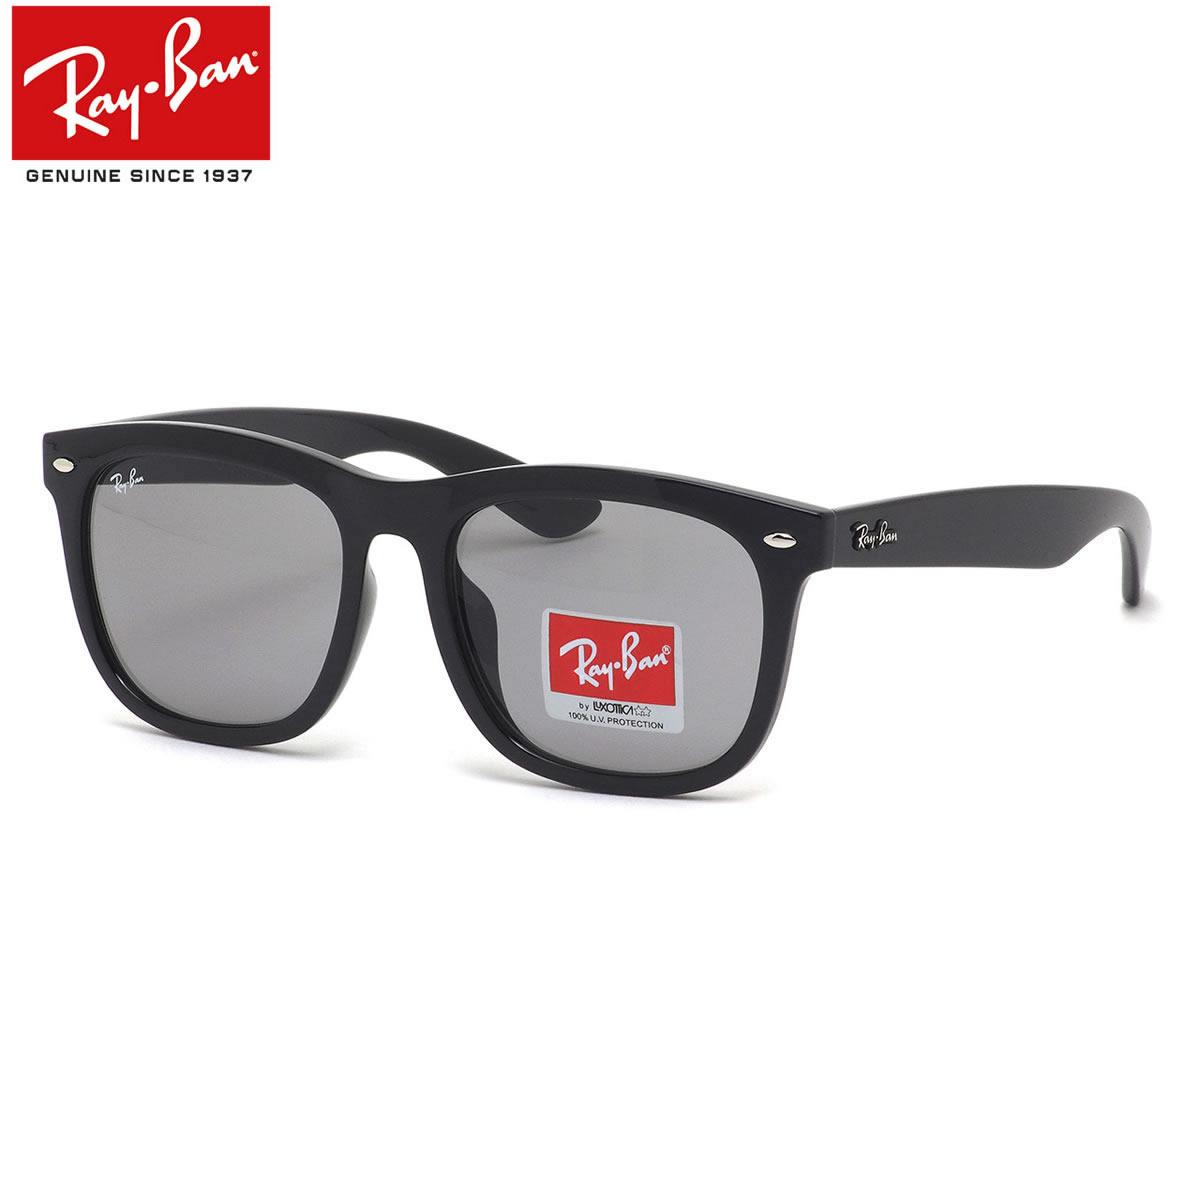 Ray-Ban レイバン サングラス RB4260D 601/1 57サイズ アジアエリア限定 アジアンフィット 大きい 大きめ スクエア メンズ レディース